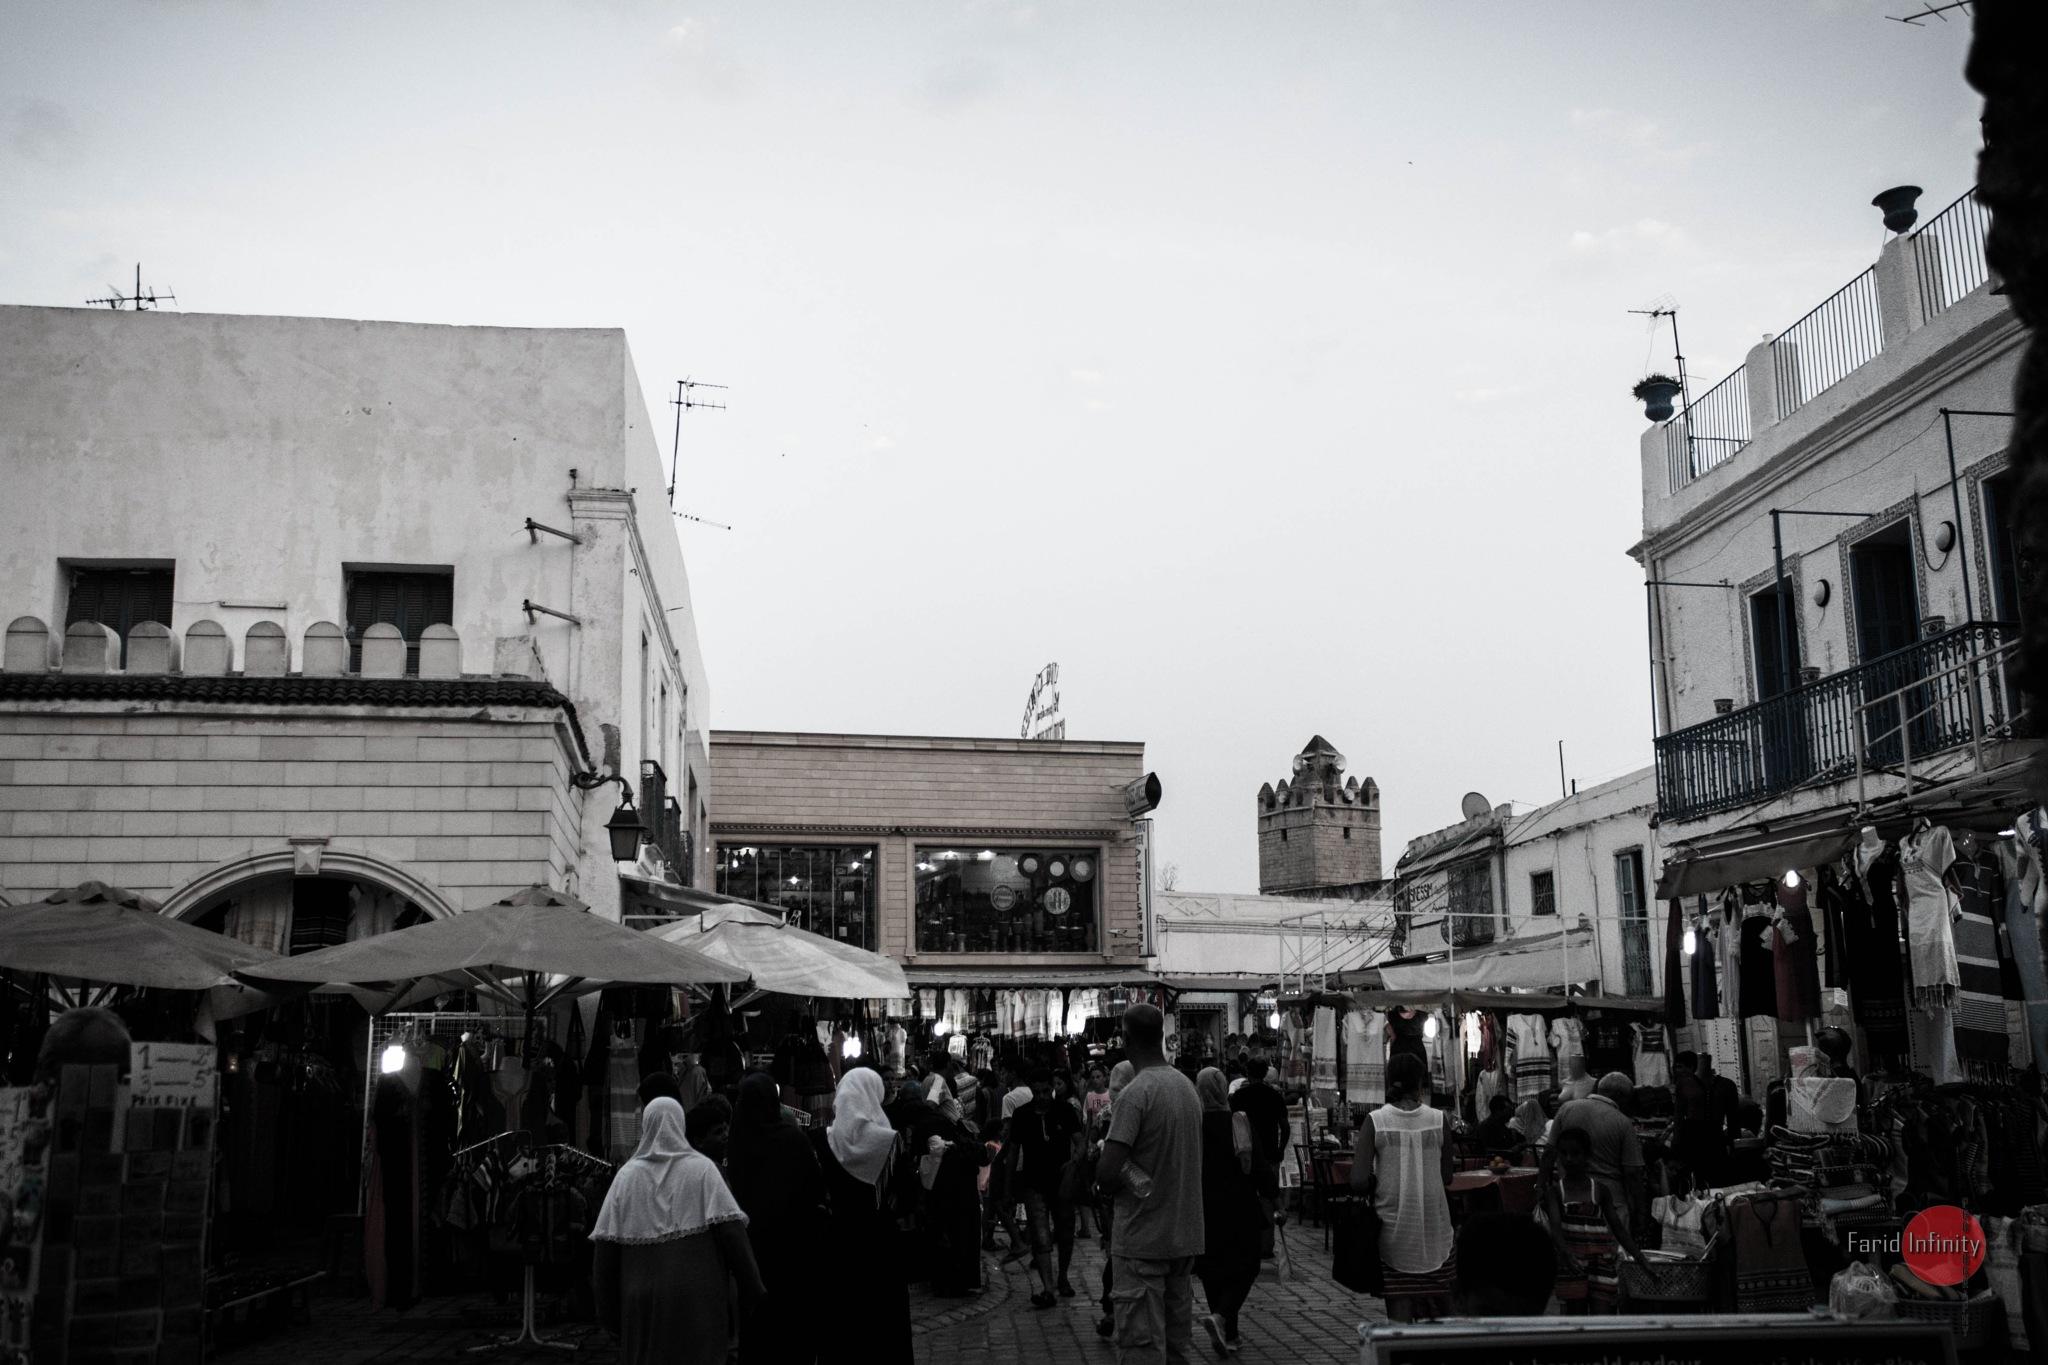 la casbah Nabeul. Tunisia by CHINE Farid